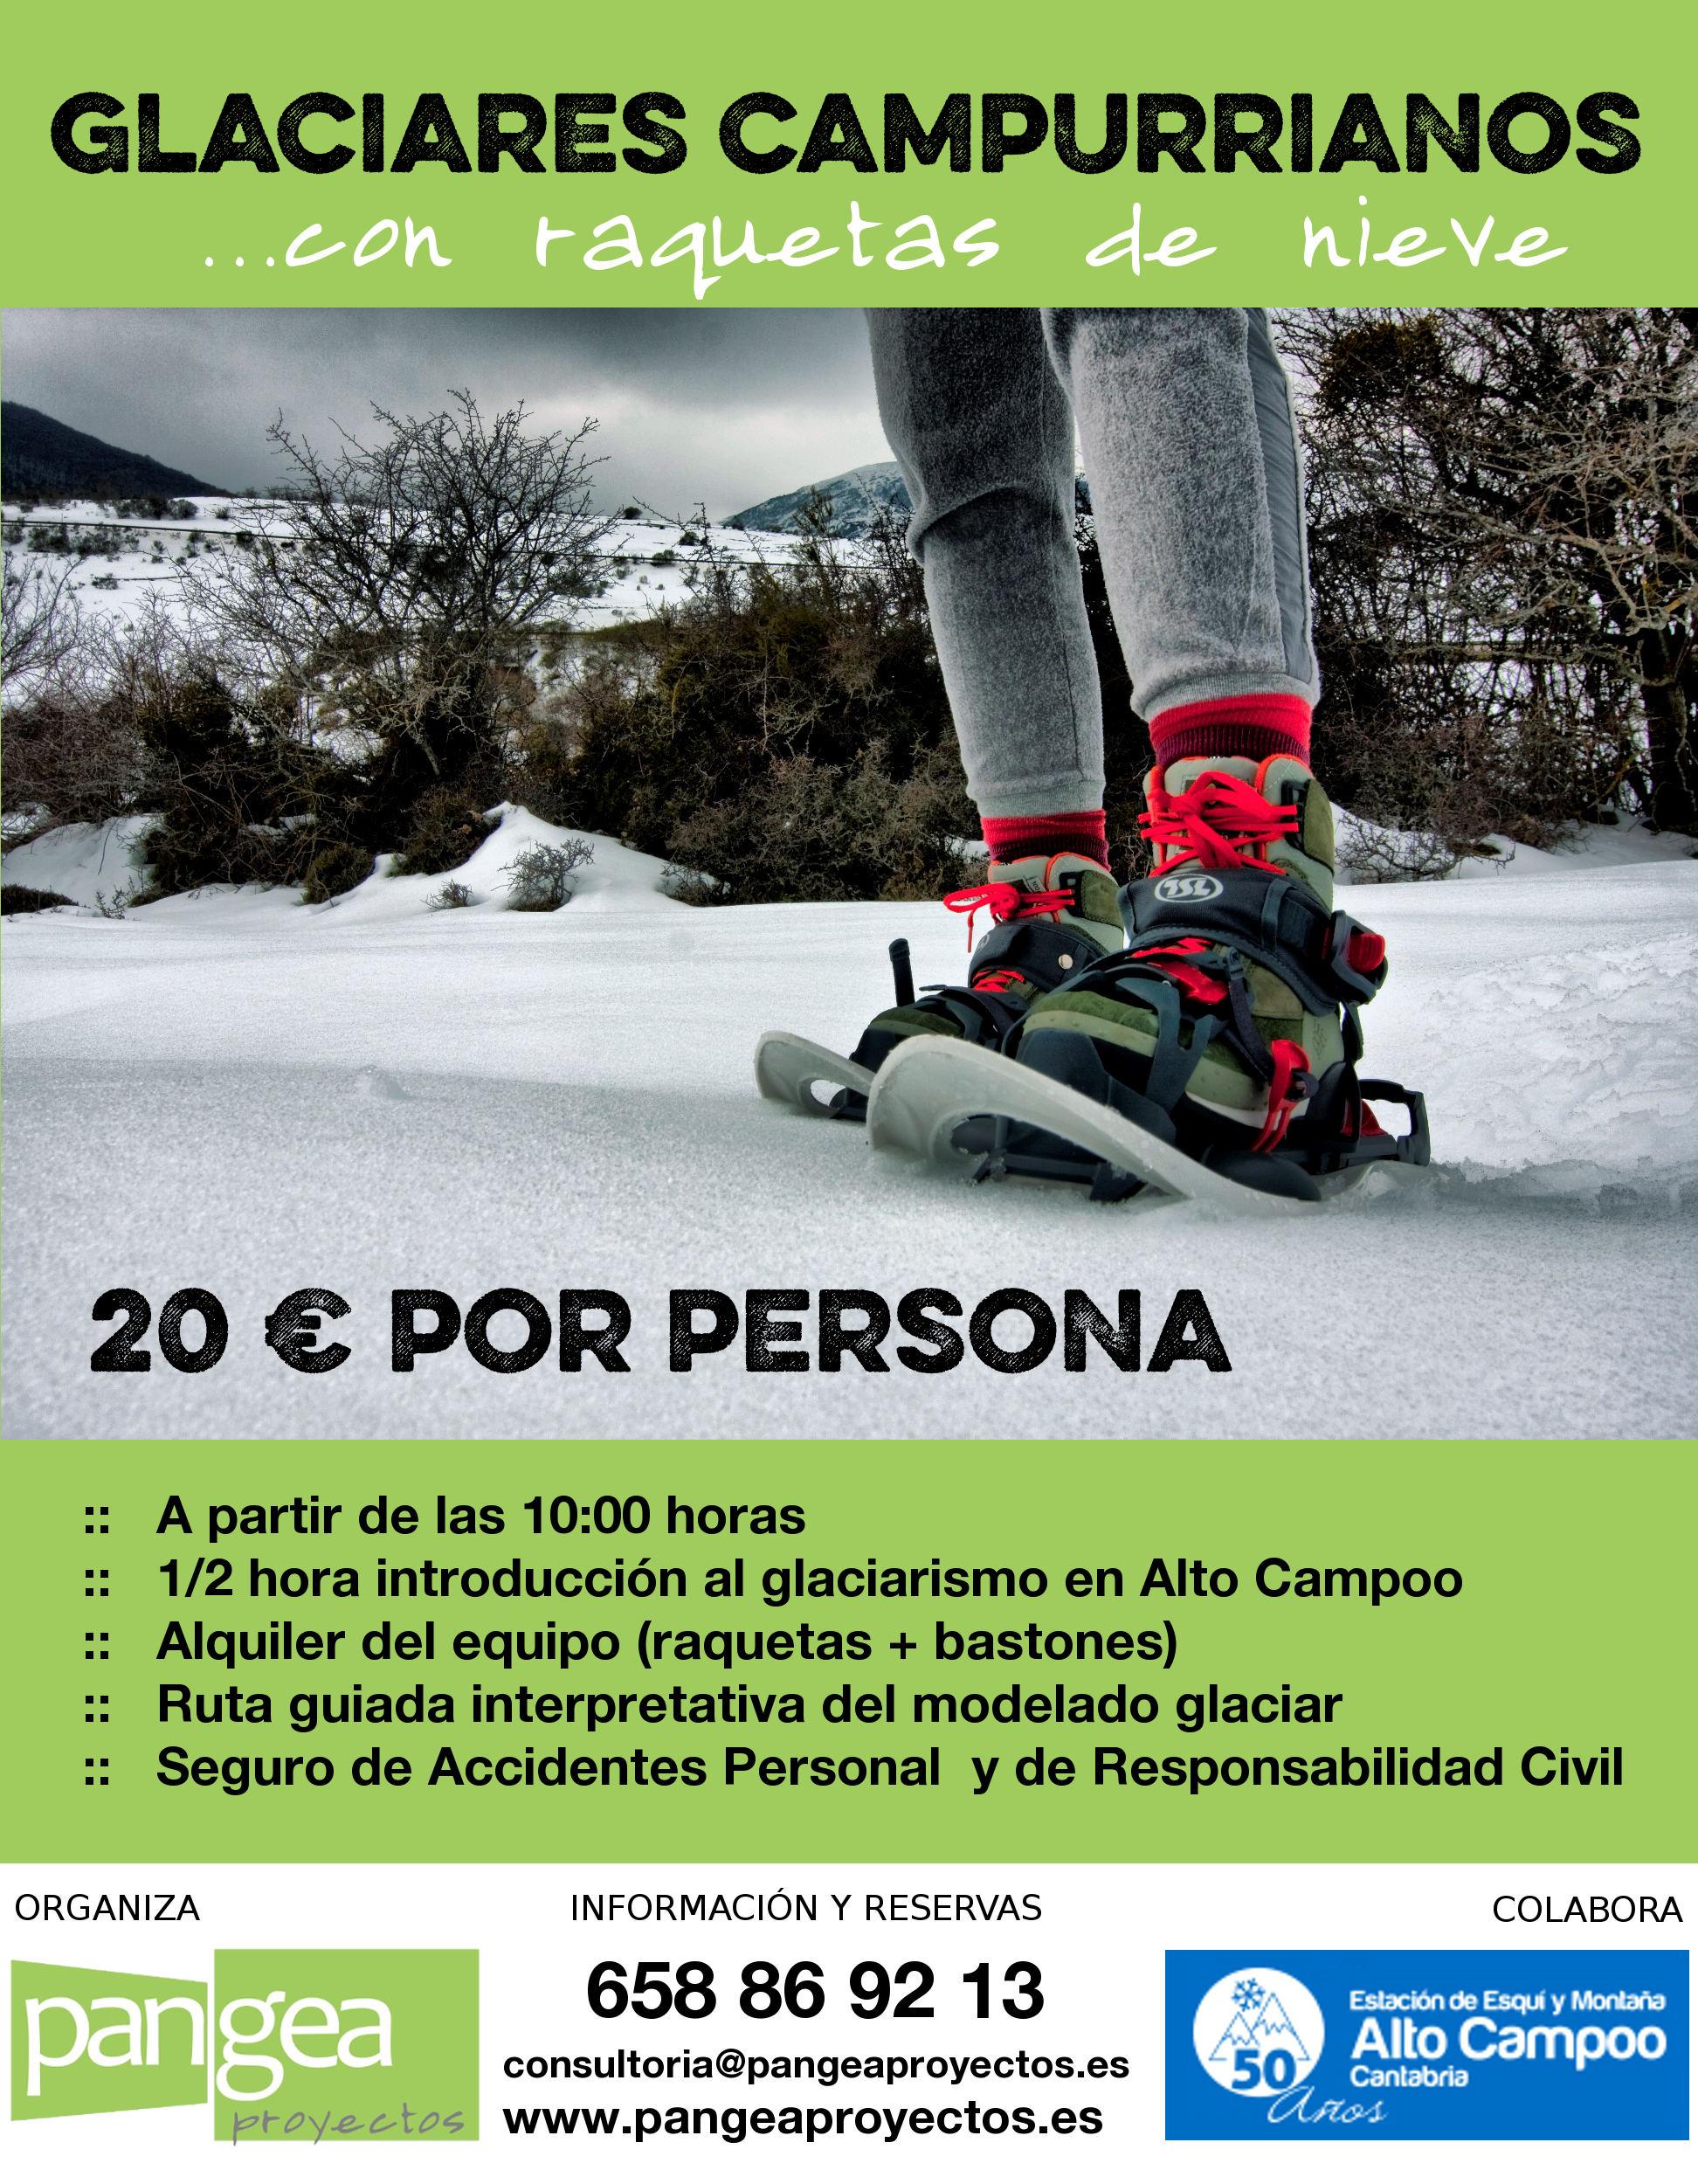 glaciares_campurrianos_con_raquetas